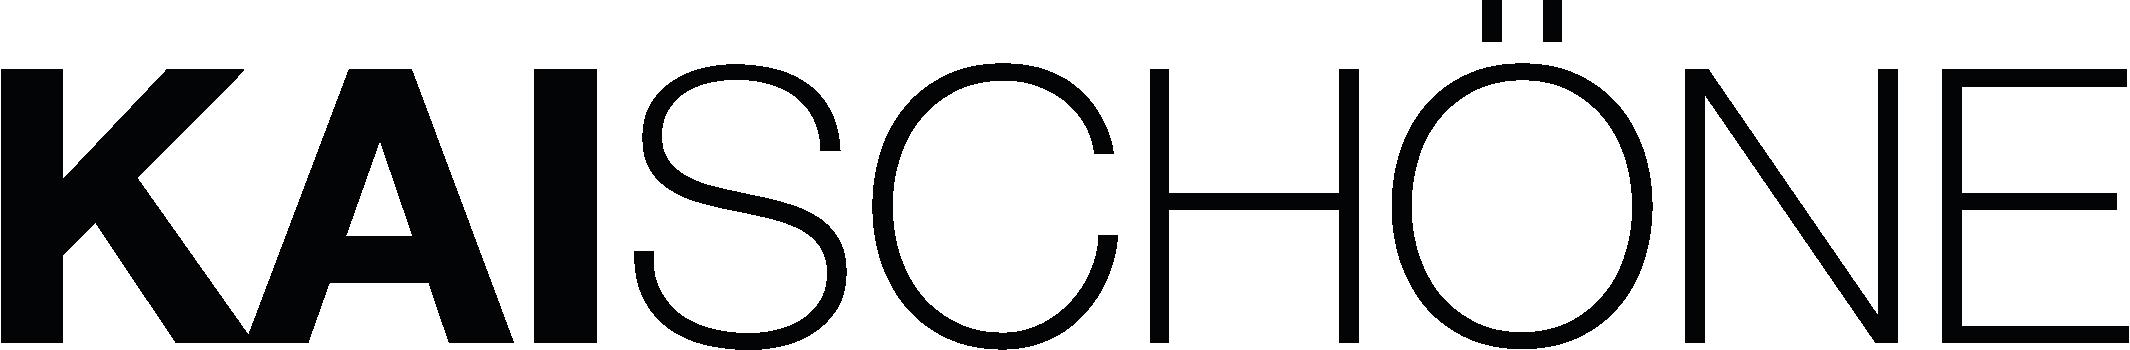 KAI SCHÖNE